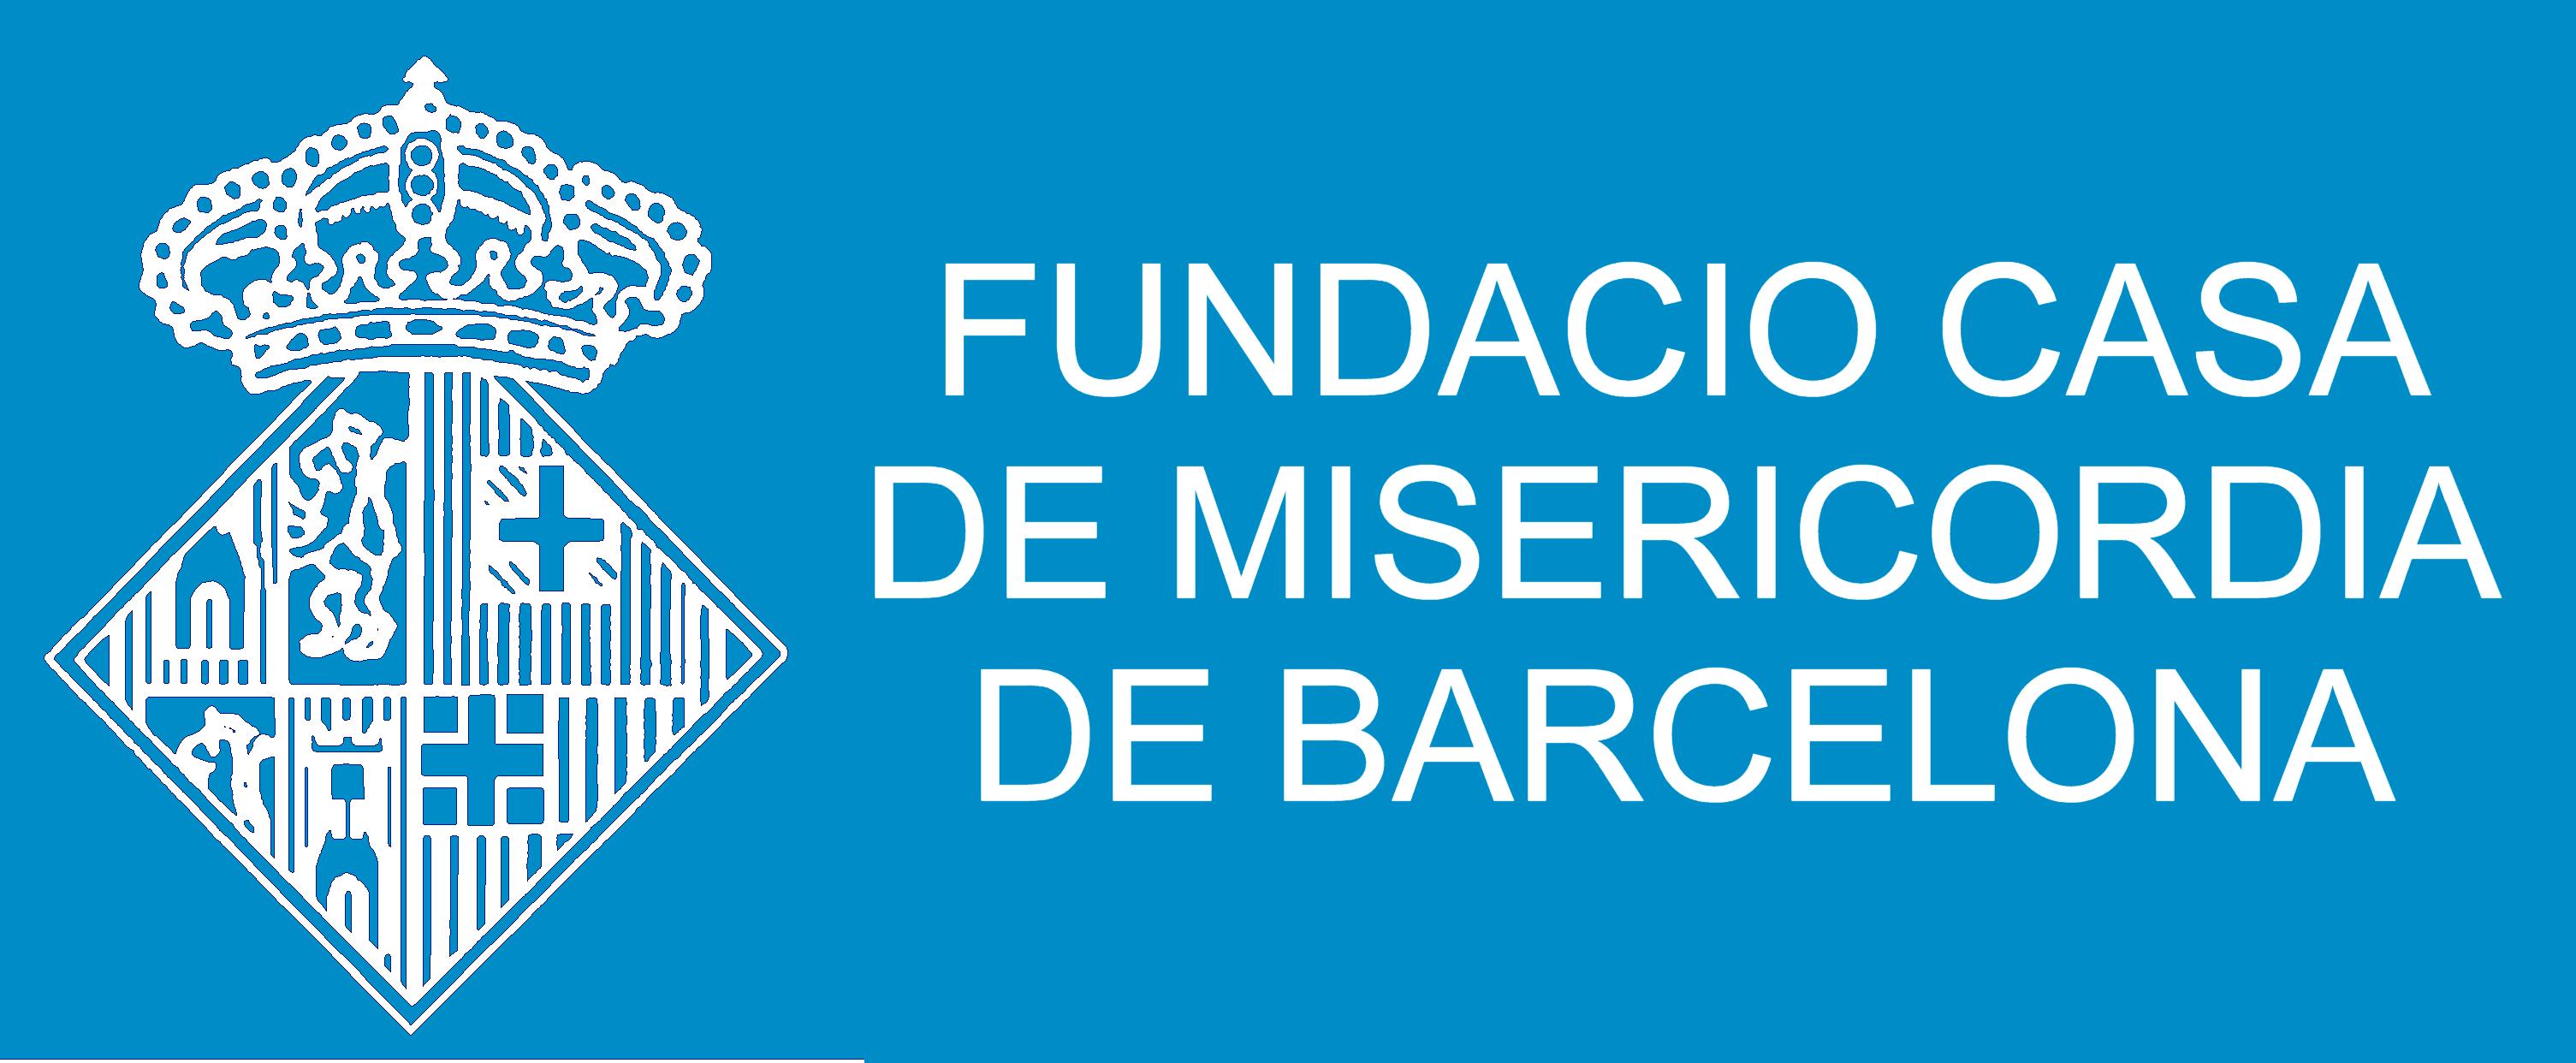 Fundació Casa de Misericòrdia de Barcelona